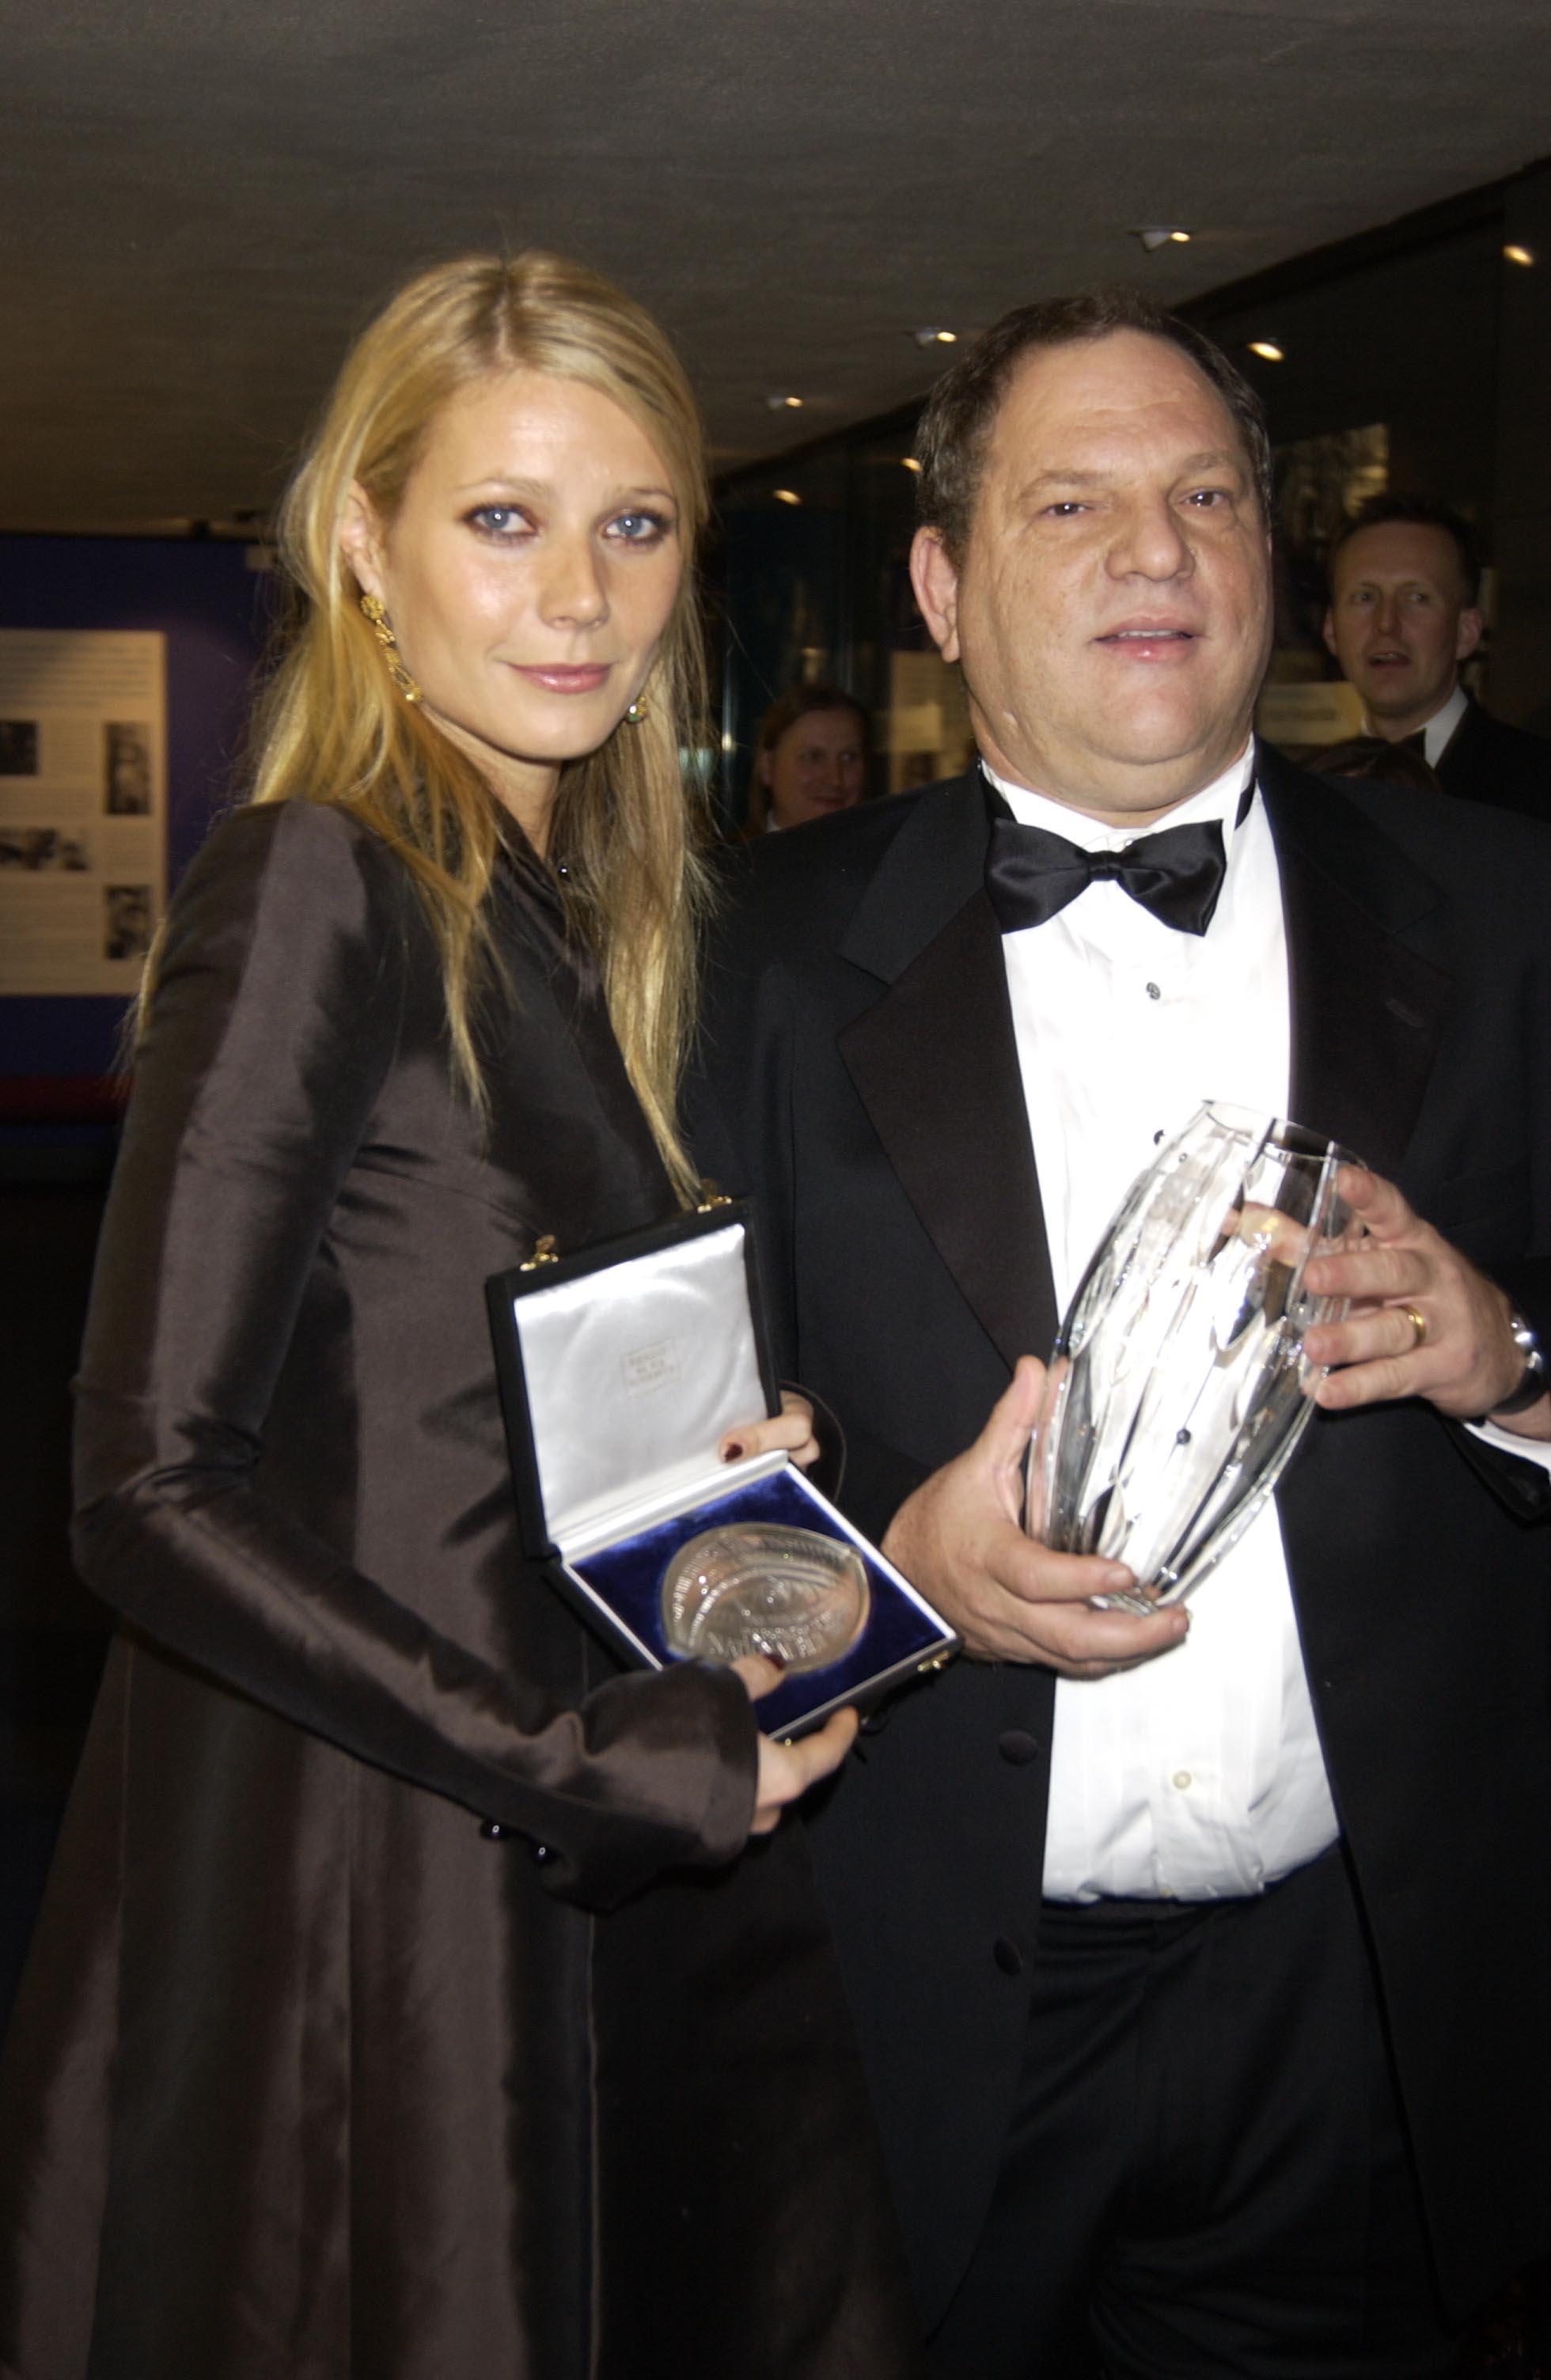 圖為好萊塢超級製片人哈維‧溫斯坦(右)和葛妮絲派特洛2002年10月合影。Getty Images